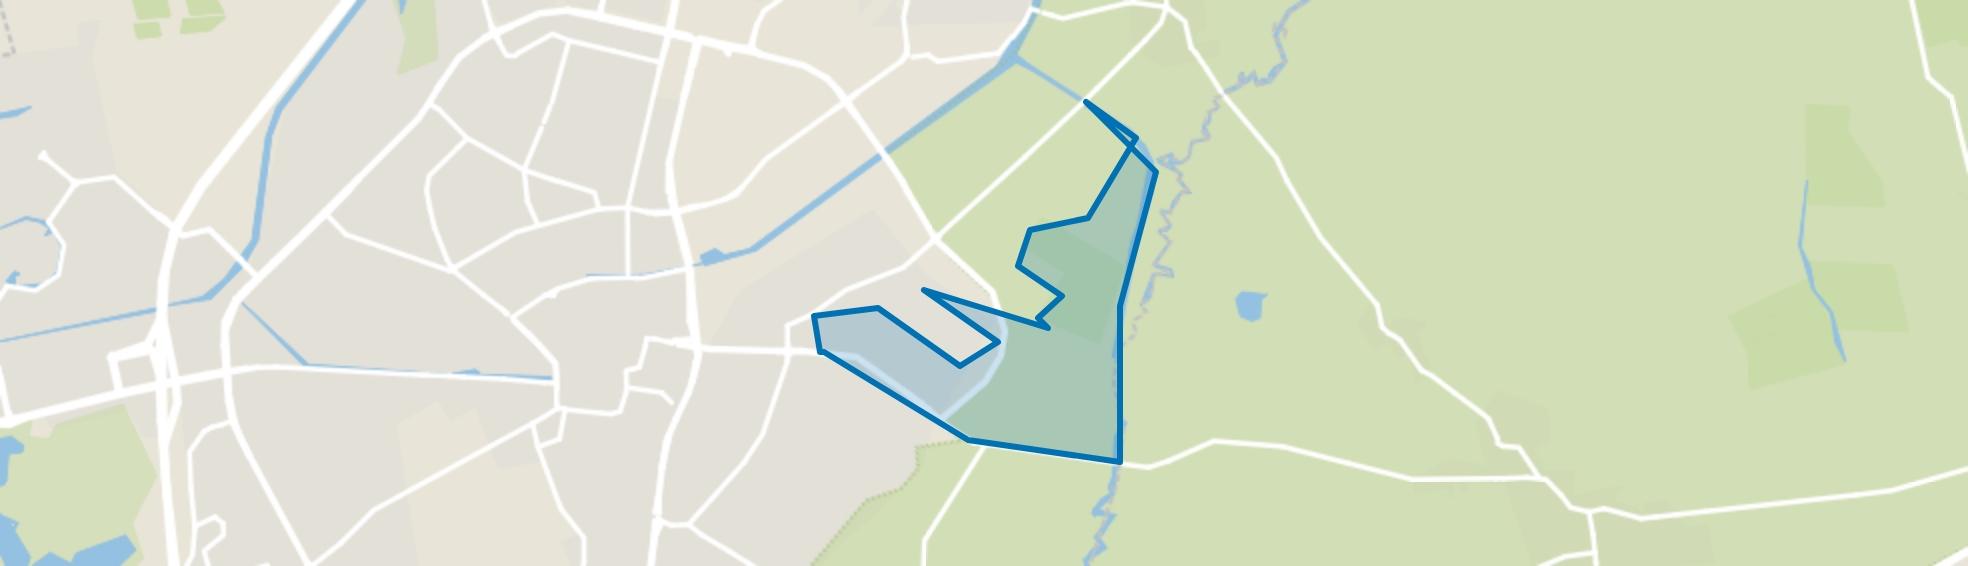 Natuurgebied Amelte, Assen map